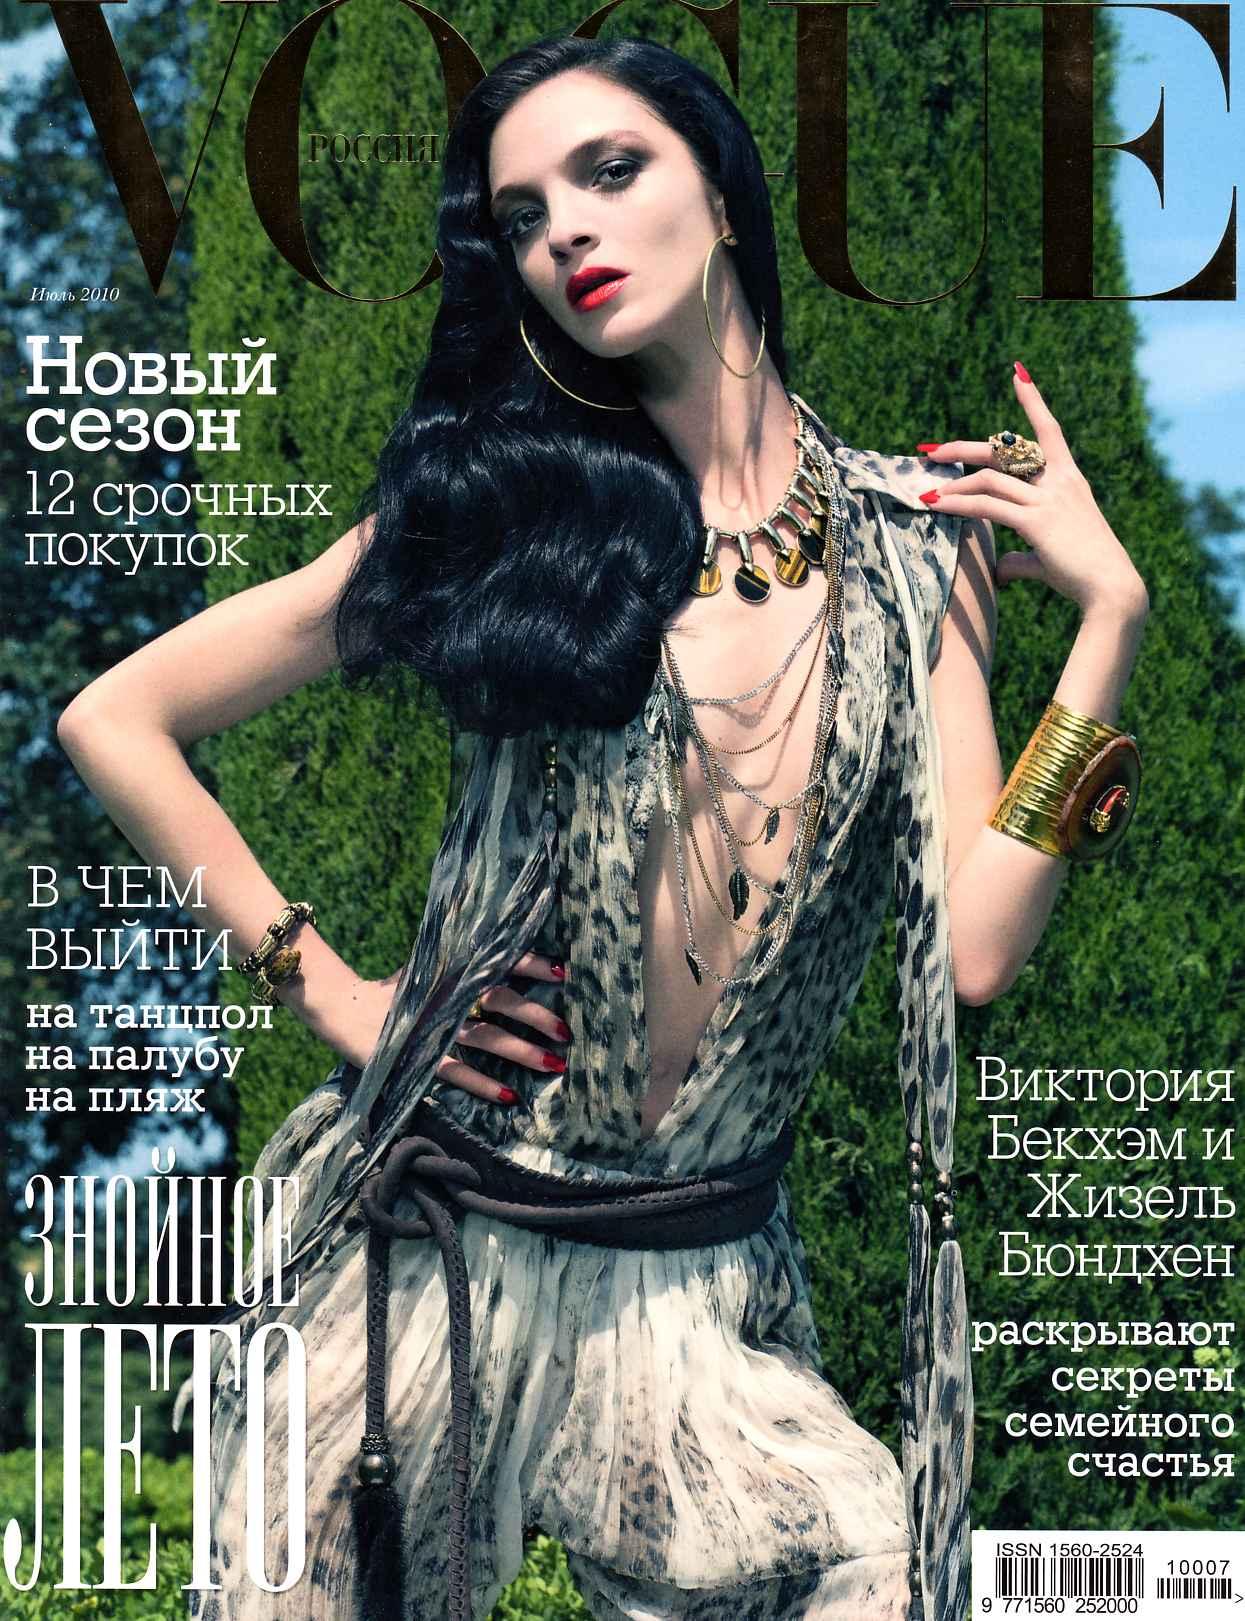 Смотреть электронные журналы без регистрации. Vogue 7 (июль 2010